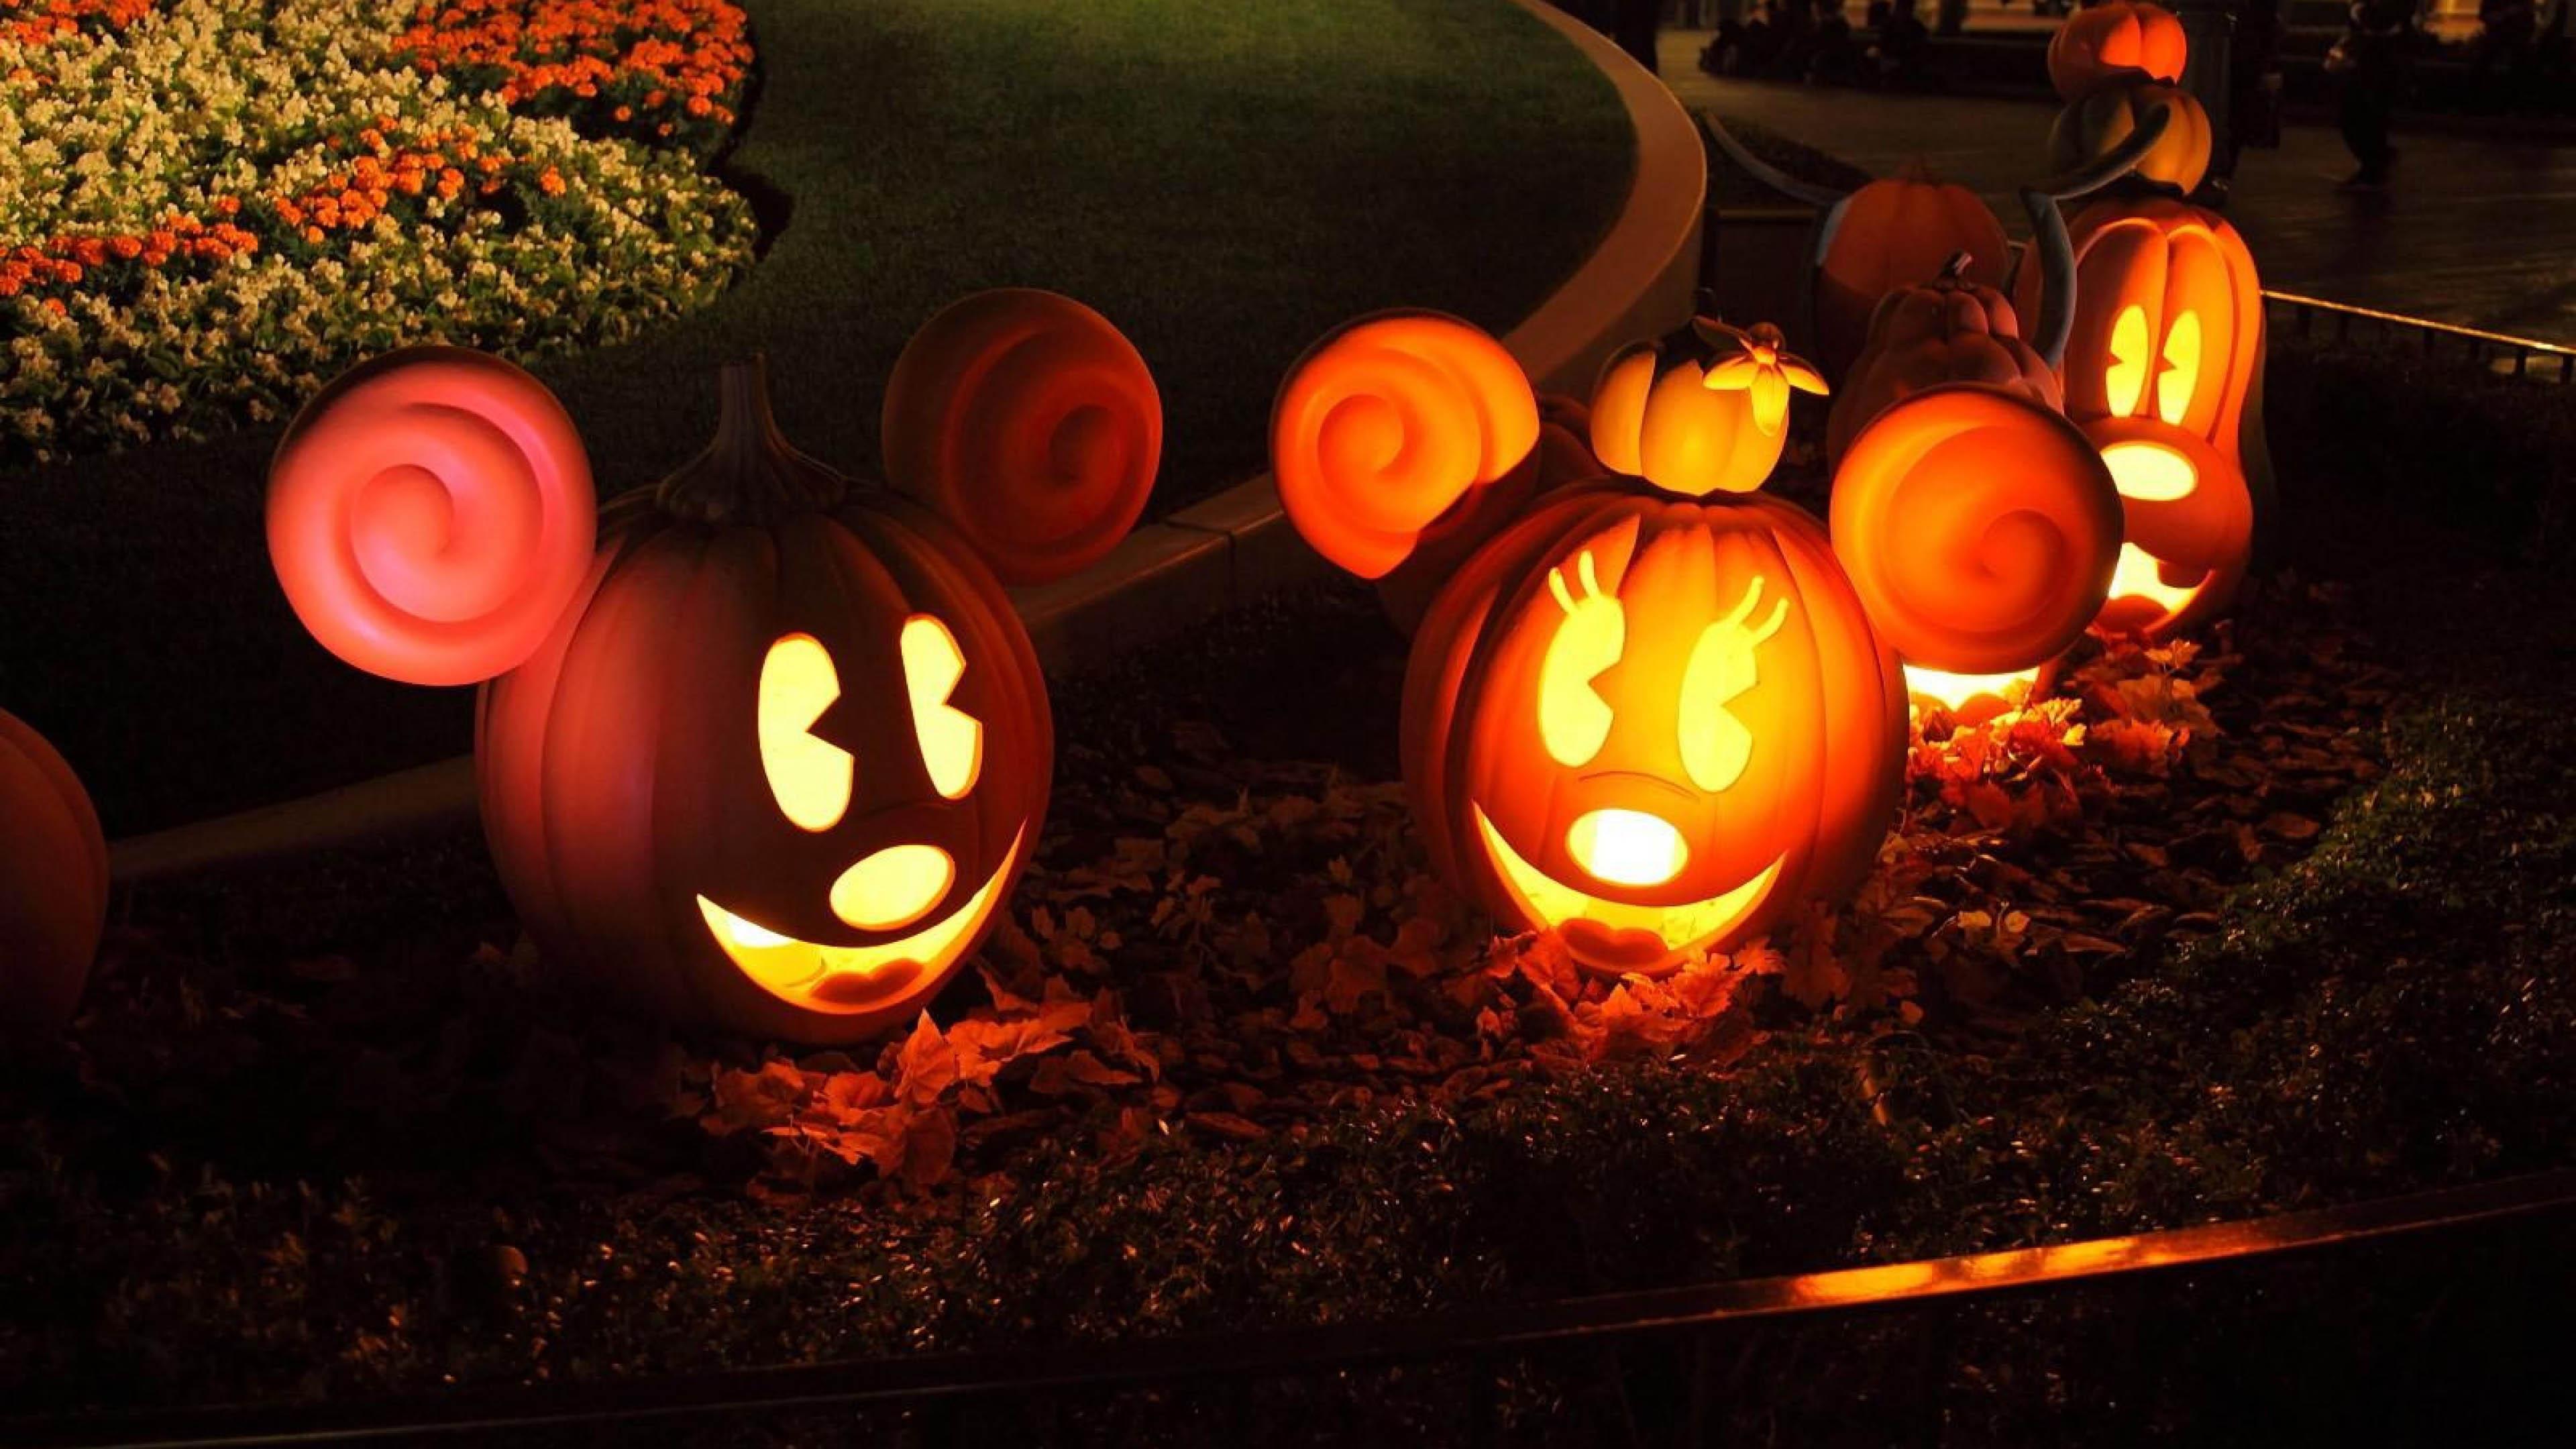 Disney Pumpkins Mickey Minnie Goofy   3840x2160   4K 169 Ultra 3840x2160